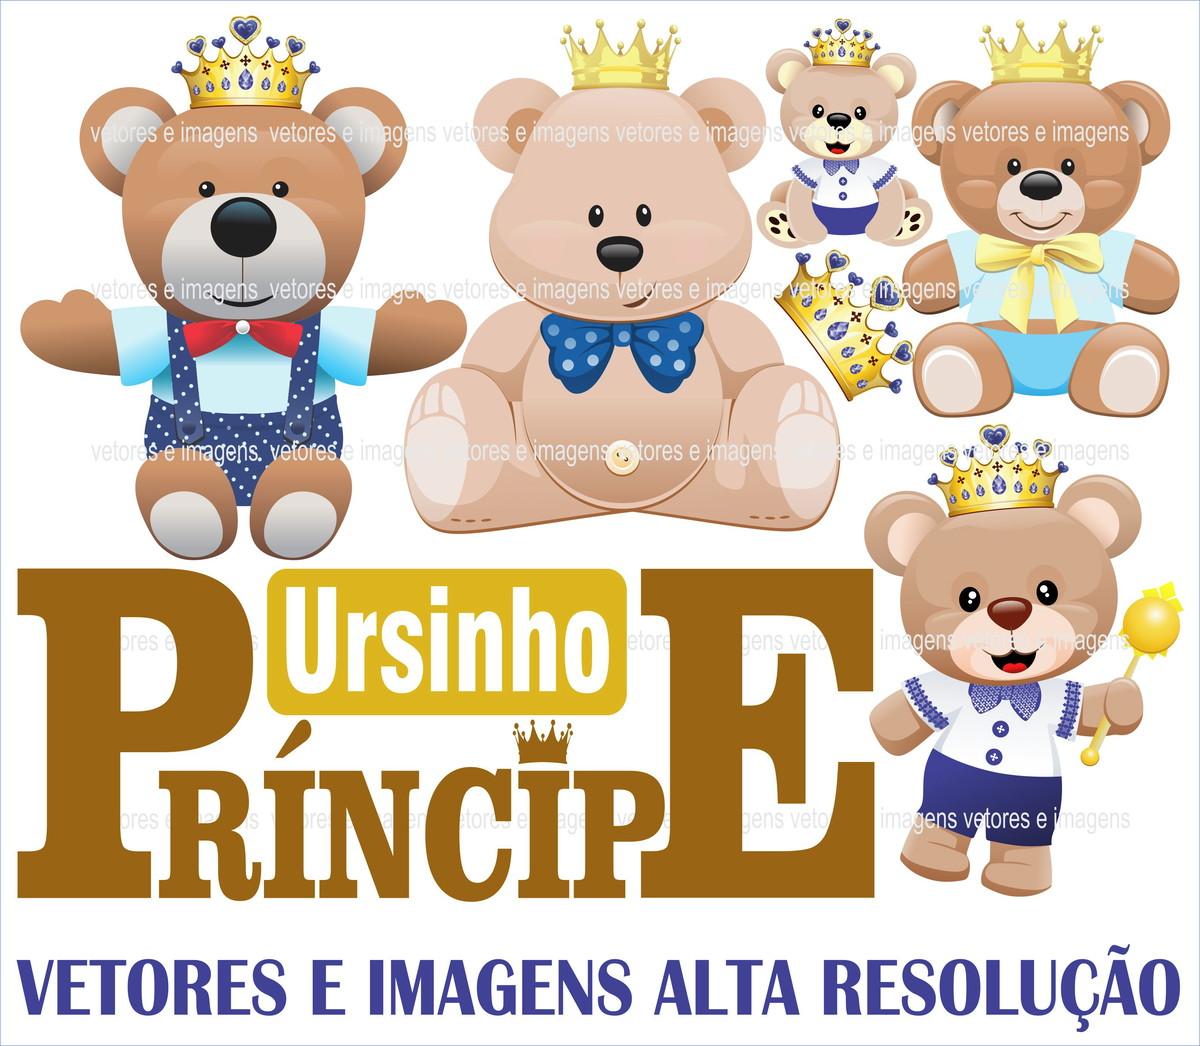 Ursinho Principe Ursinhos Vetor E Imagens Urso No Elo7 Renata